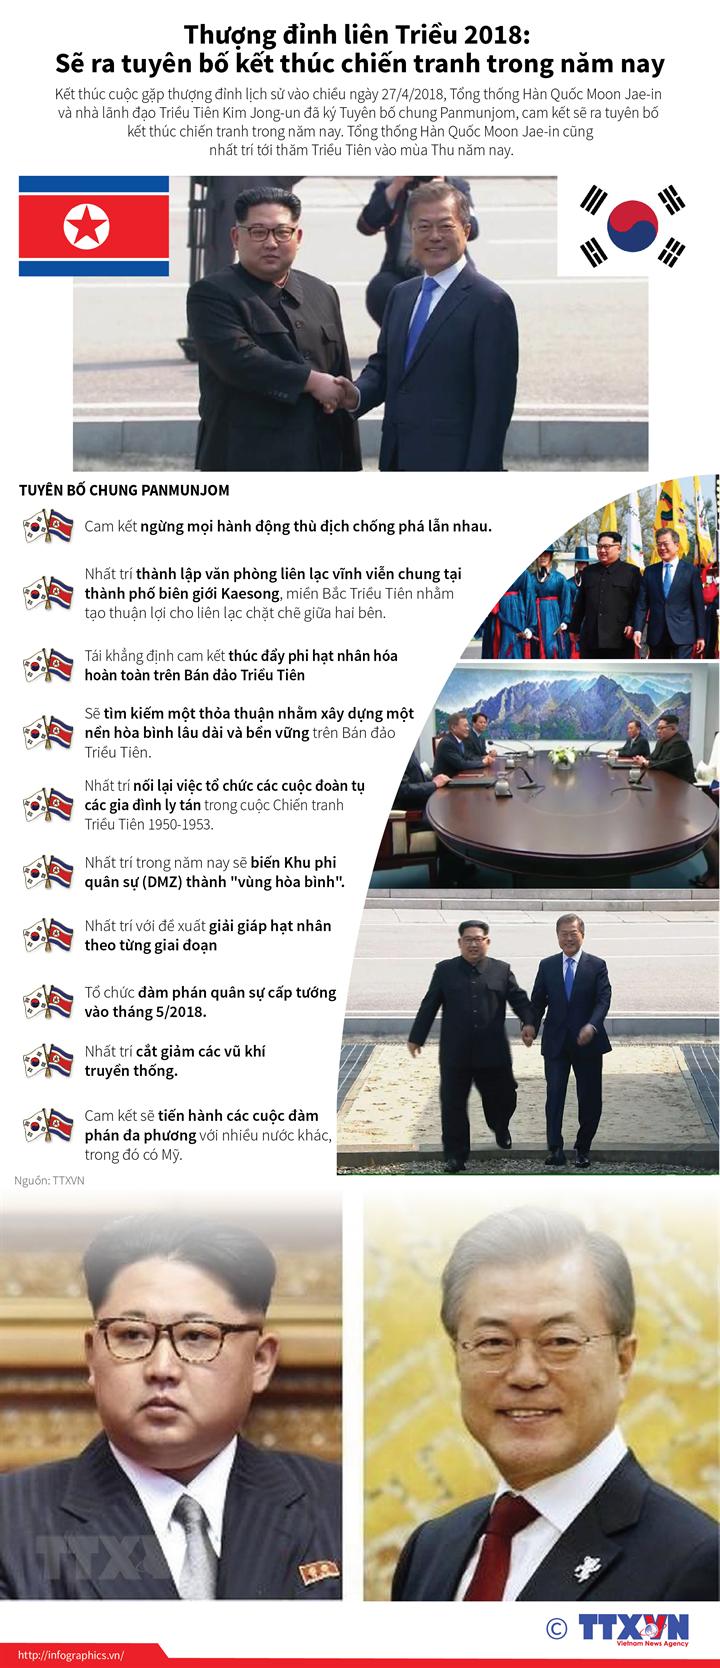 Thượng đỉnh liên Triều 2018: Sẽ ra tuyên bố kết thúc chiến tranh trong năm nay